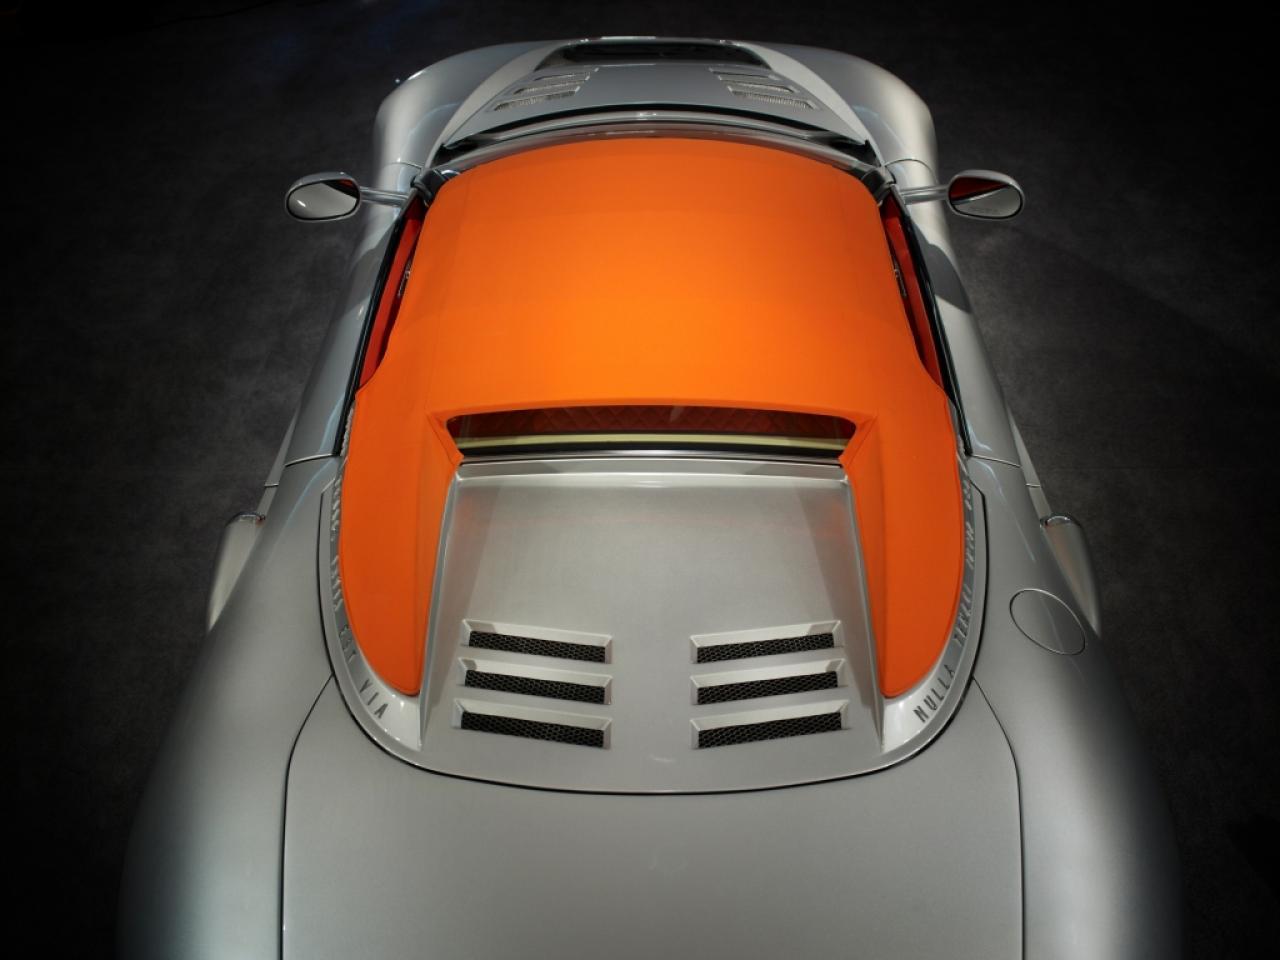 Spyker C8 4.2 V8